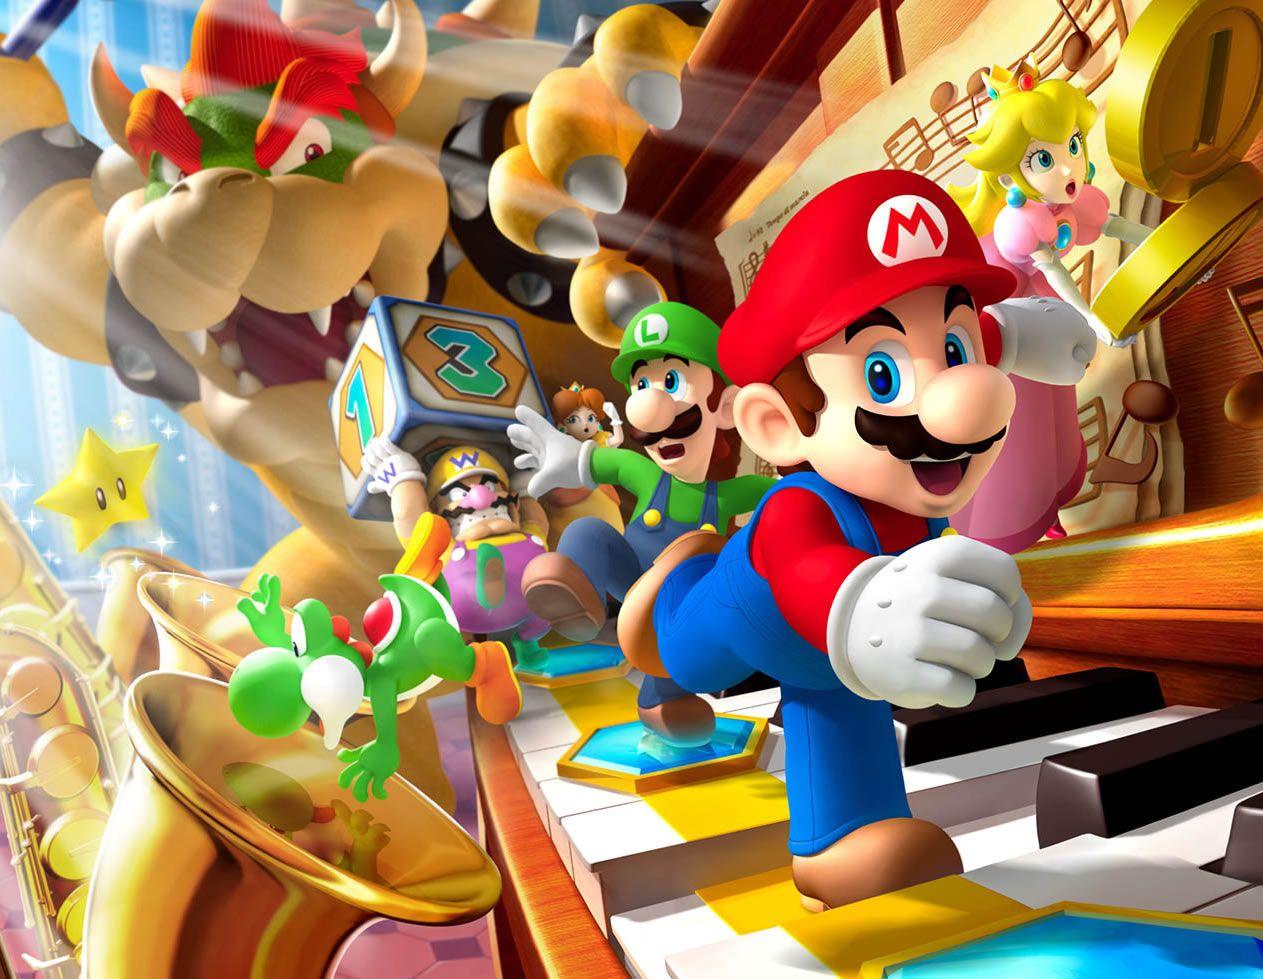 Jogos Do Mario Gratis Melhores Jogos Online Do Mario Mario Party Jogo Do Mario Super Mario Bros